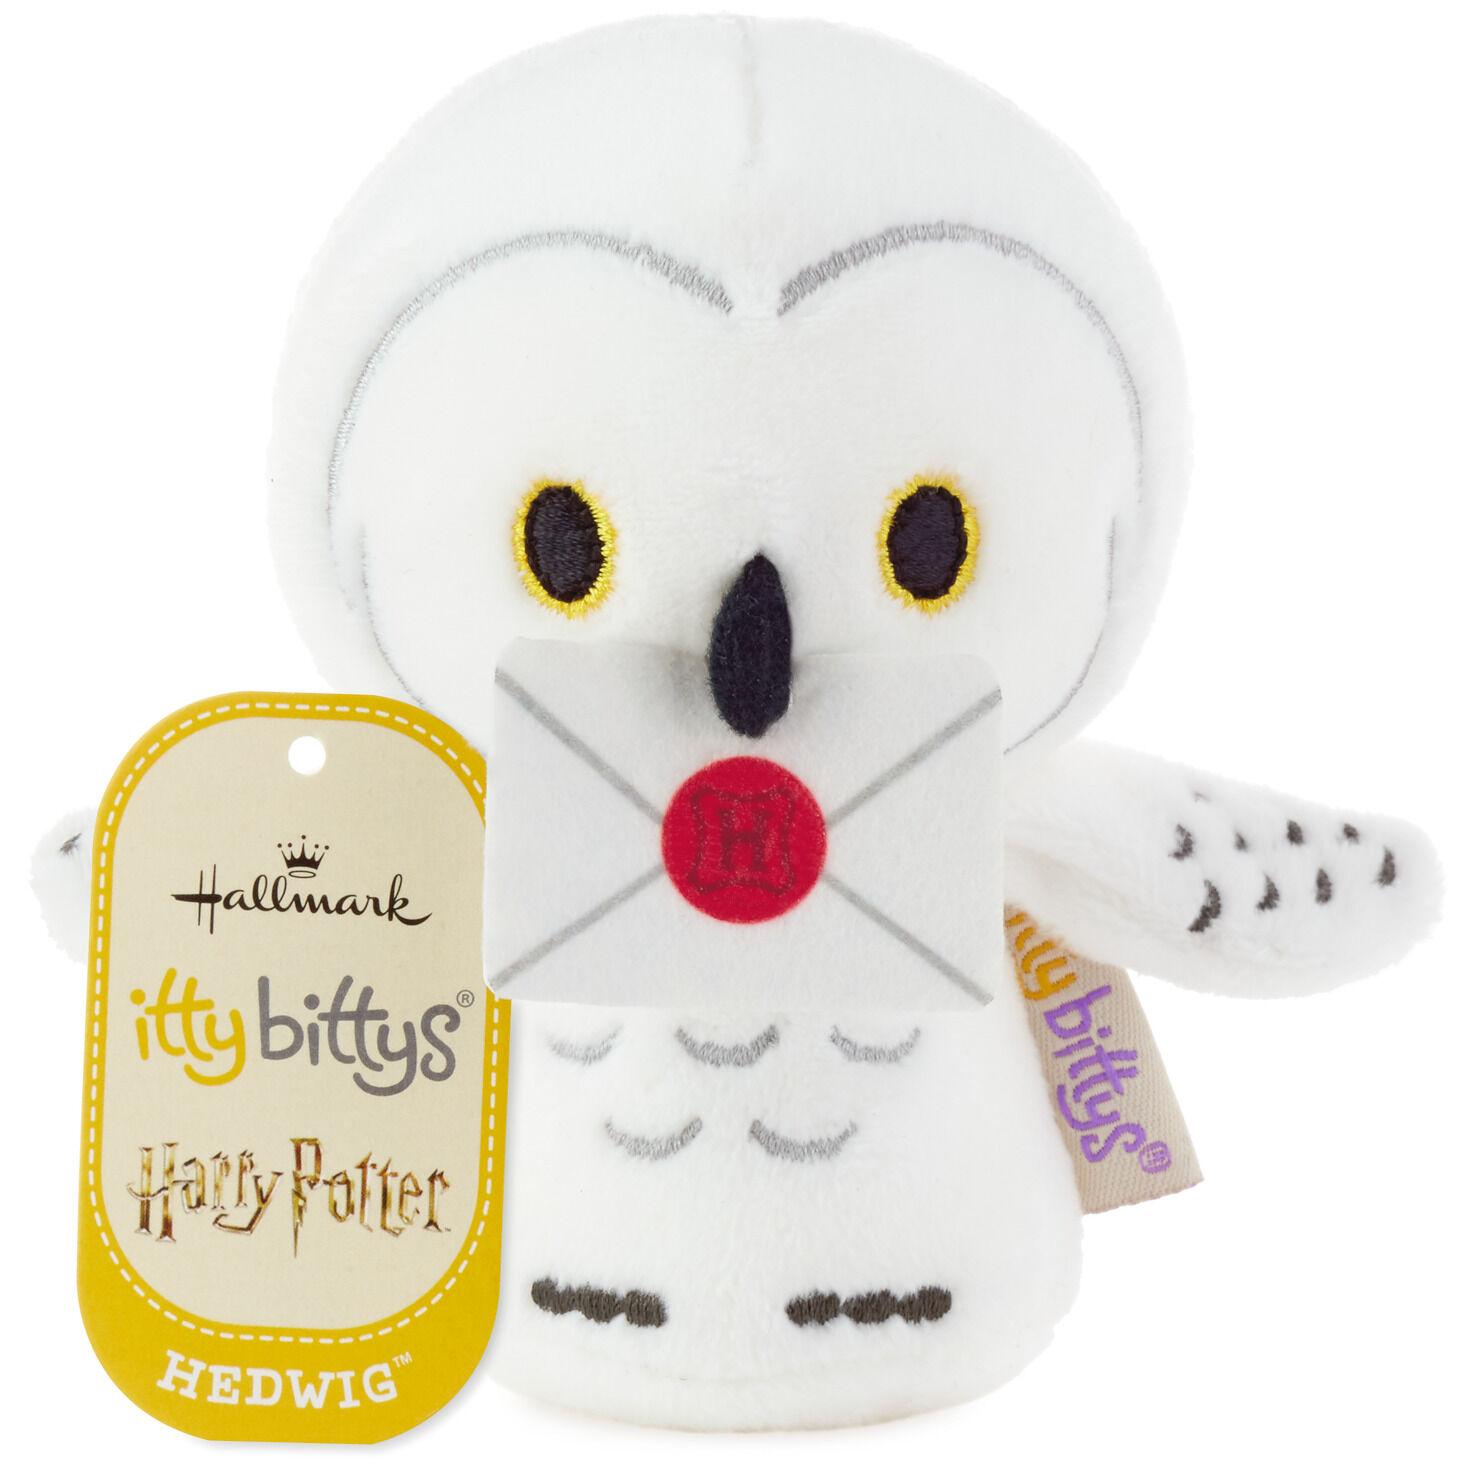 HMK Hallmark itty bittys Snoopy with Bunny Ears Hallmark Co.